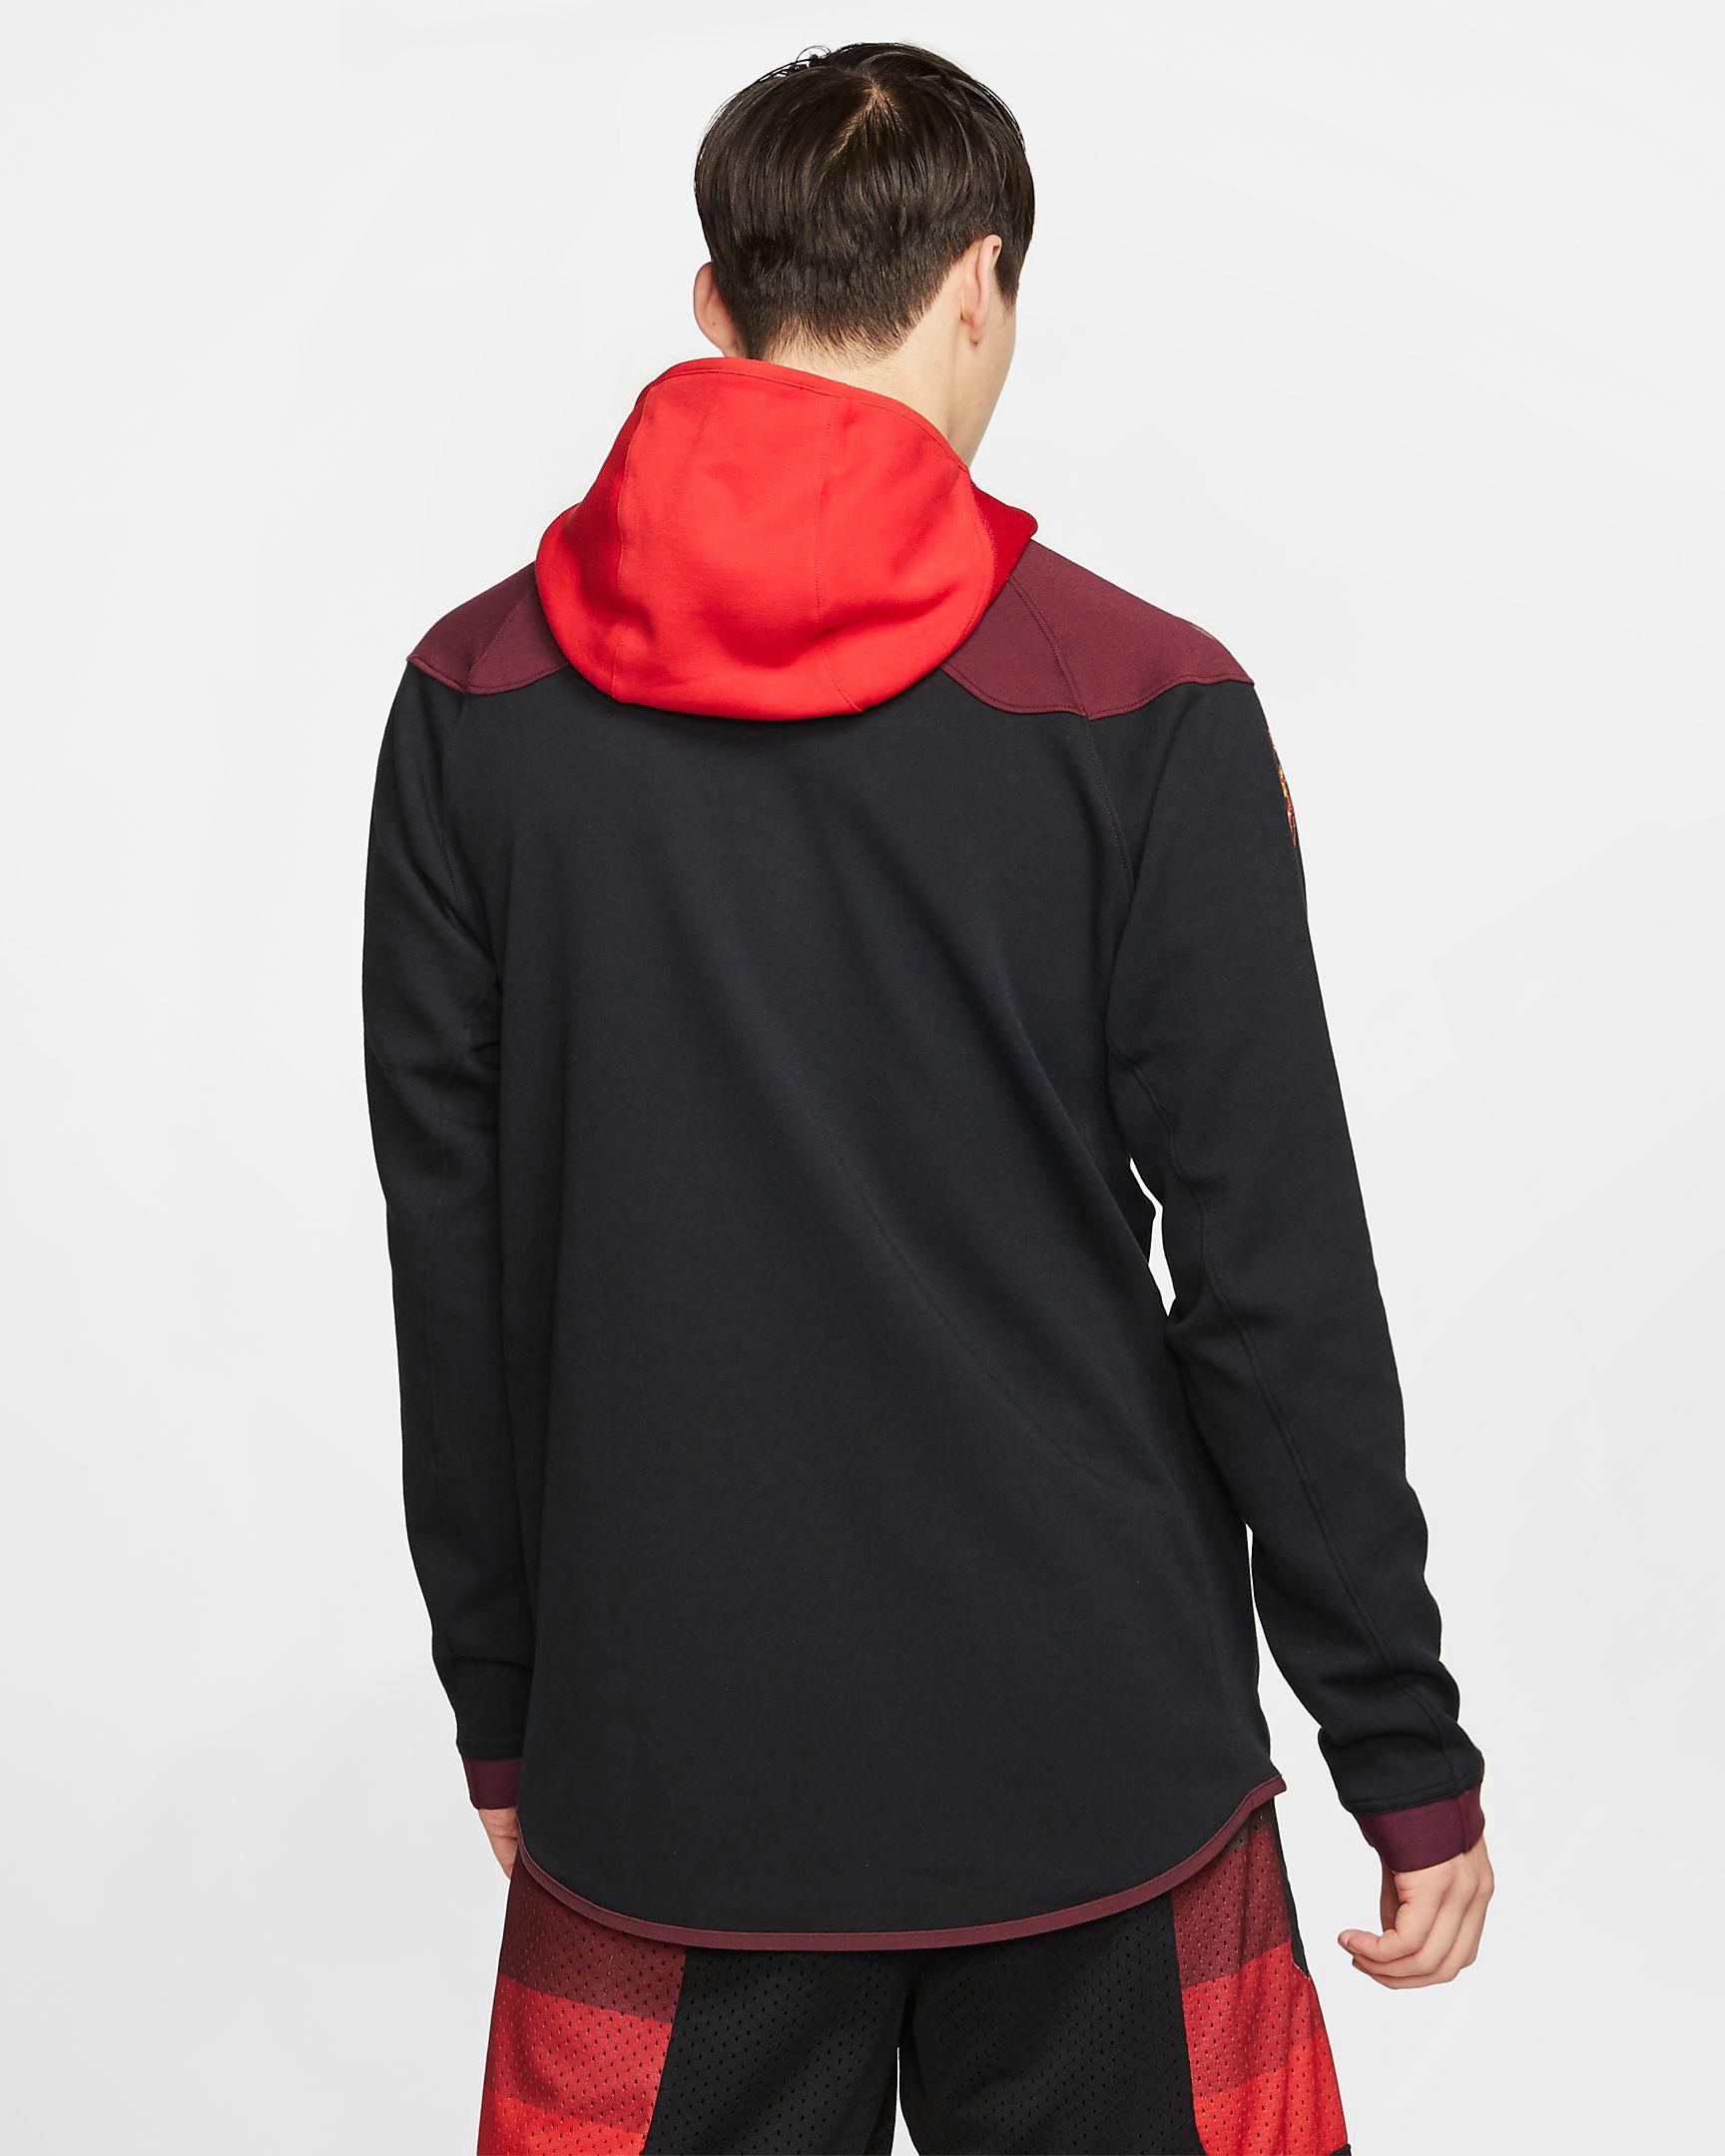 clot-air-jordan-1-mid-fearless-hoodie-2